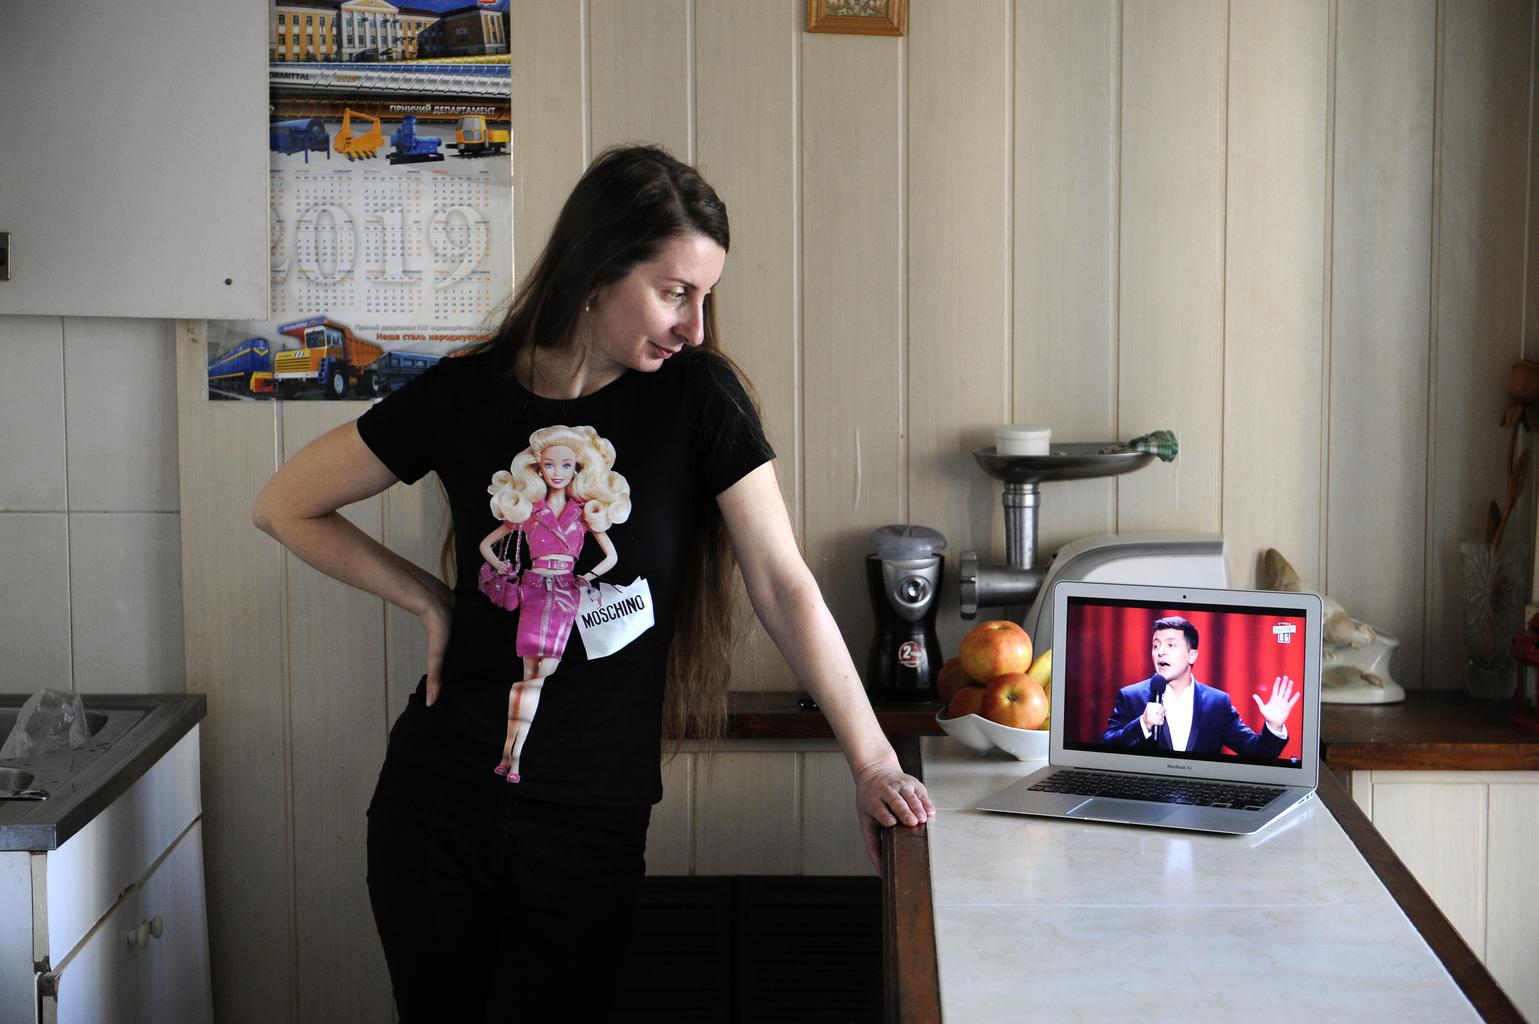 """""""Új elnök, új esély!"""" Olga Shulyateva kijevi háziasszony konyhájában nézi az ukrán televízió adását Volodimir Zelenszkij választási igéreteiről 2019. április 7-én, az ukrán elnökválasztás előtt #moszkvater"""